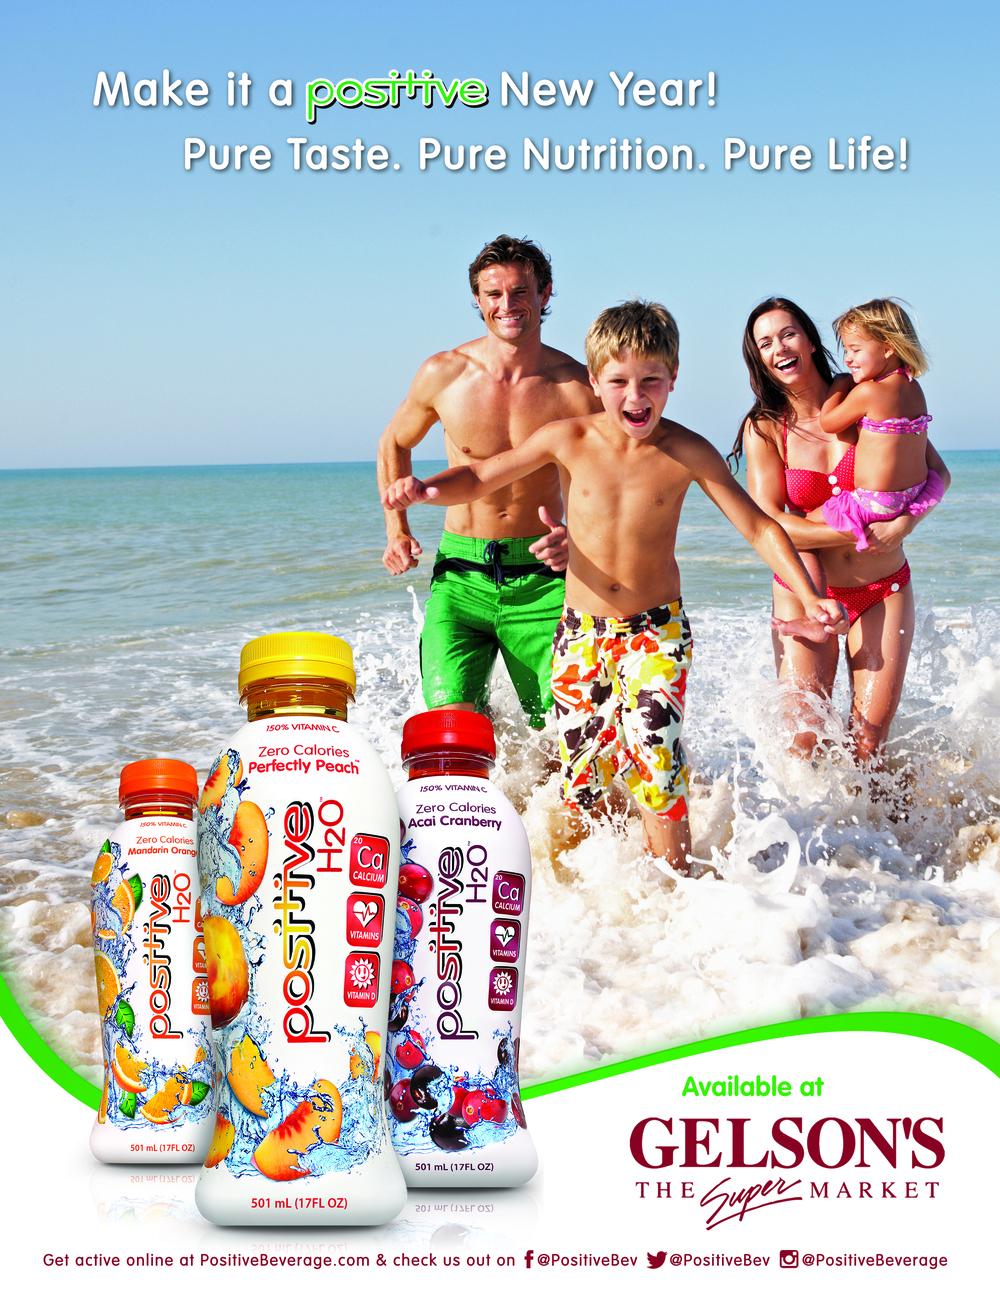 Positive Beverage Orange Coast Magazine Advertisement January 2016